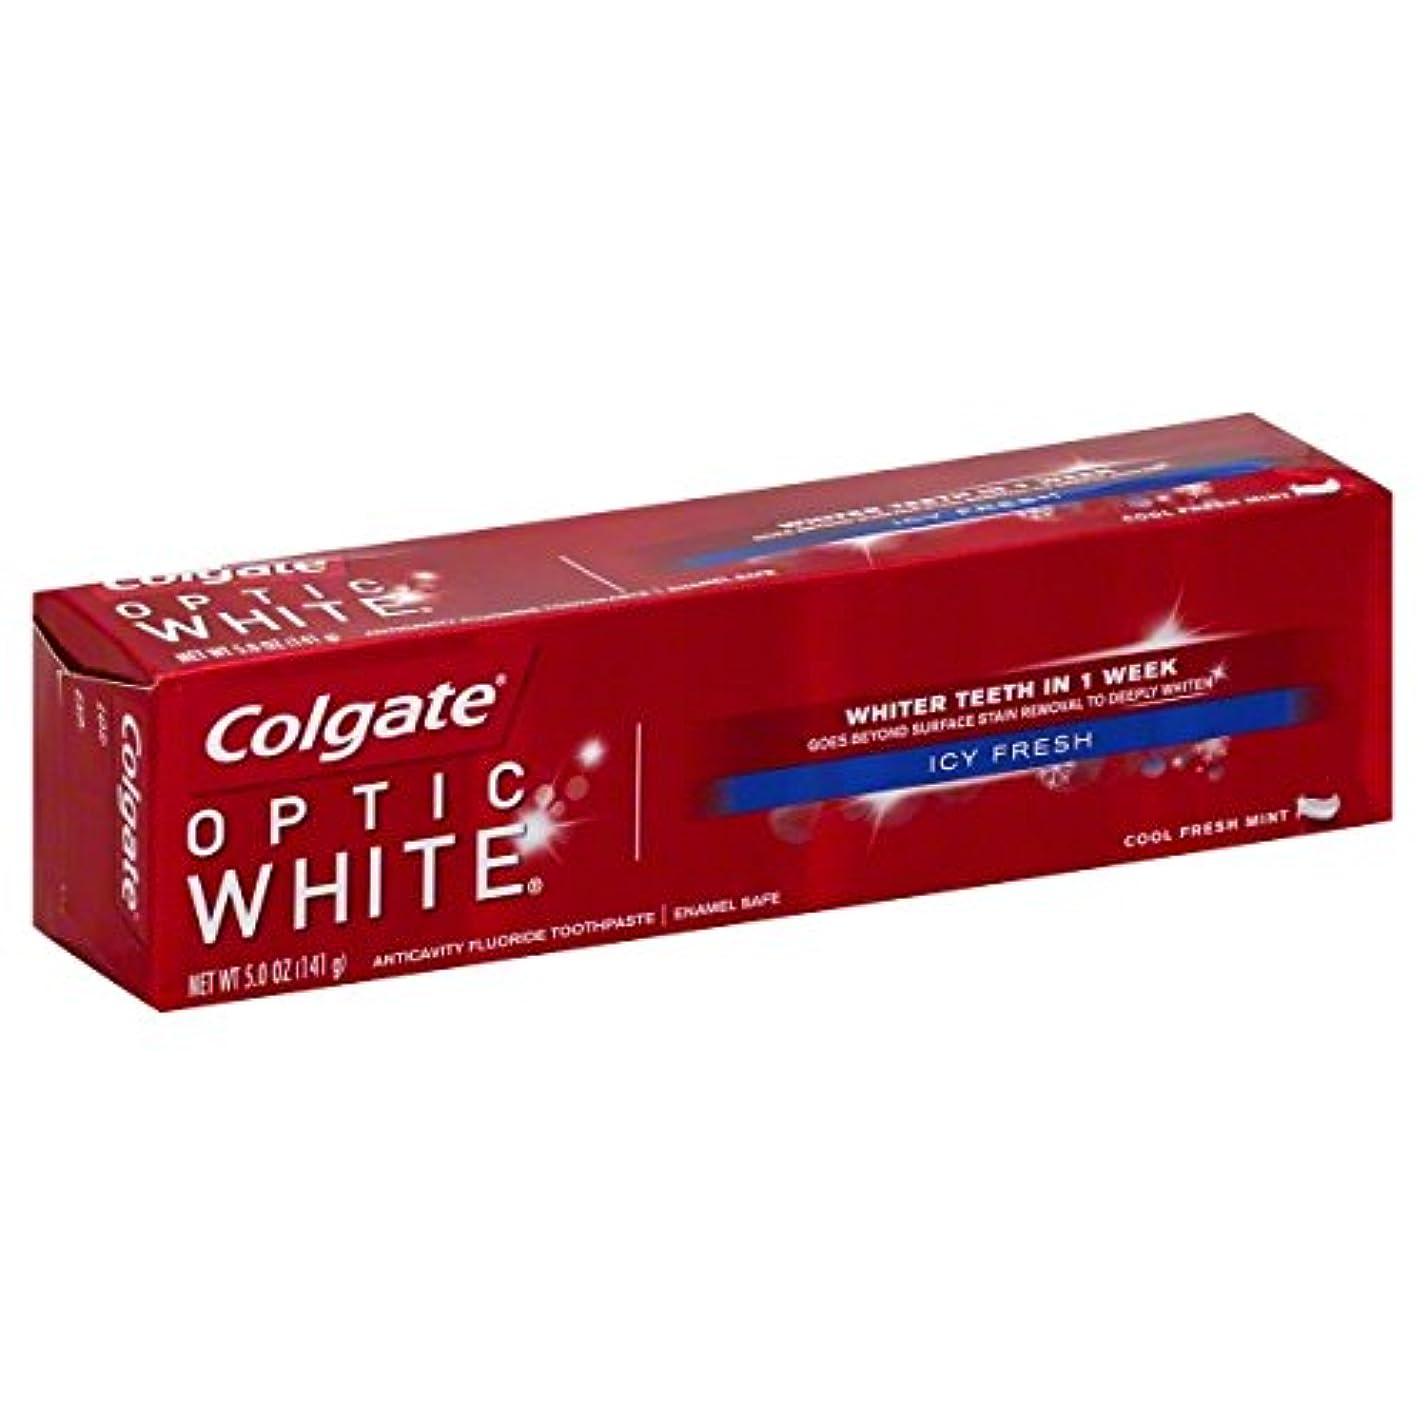 離す動詞エネルギーColgate オプティックホワイトハミガキ、アイシー新鮮な、5オンス(6パック)